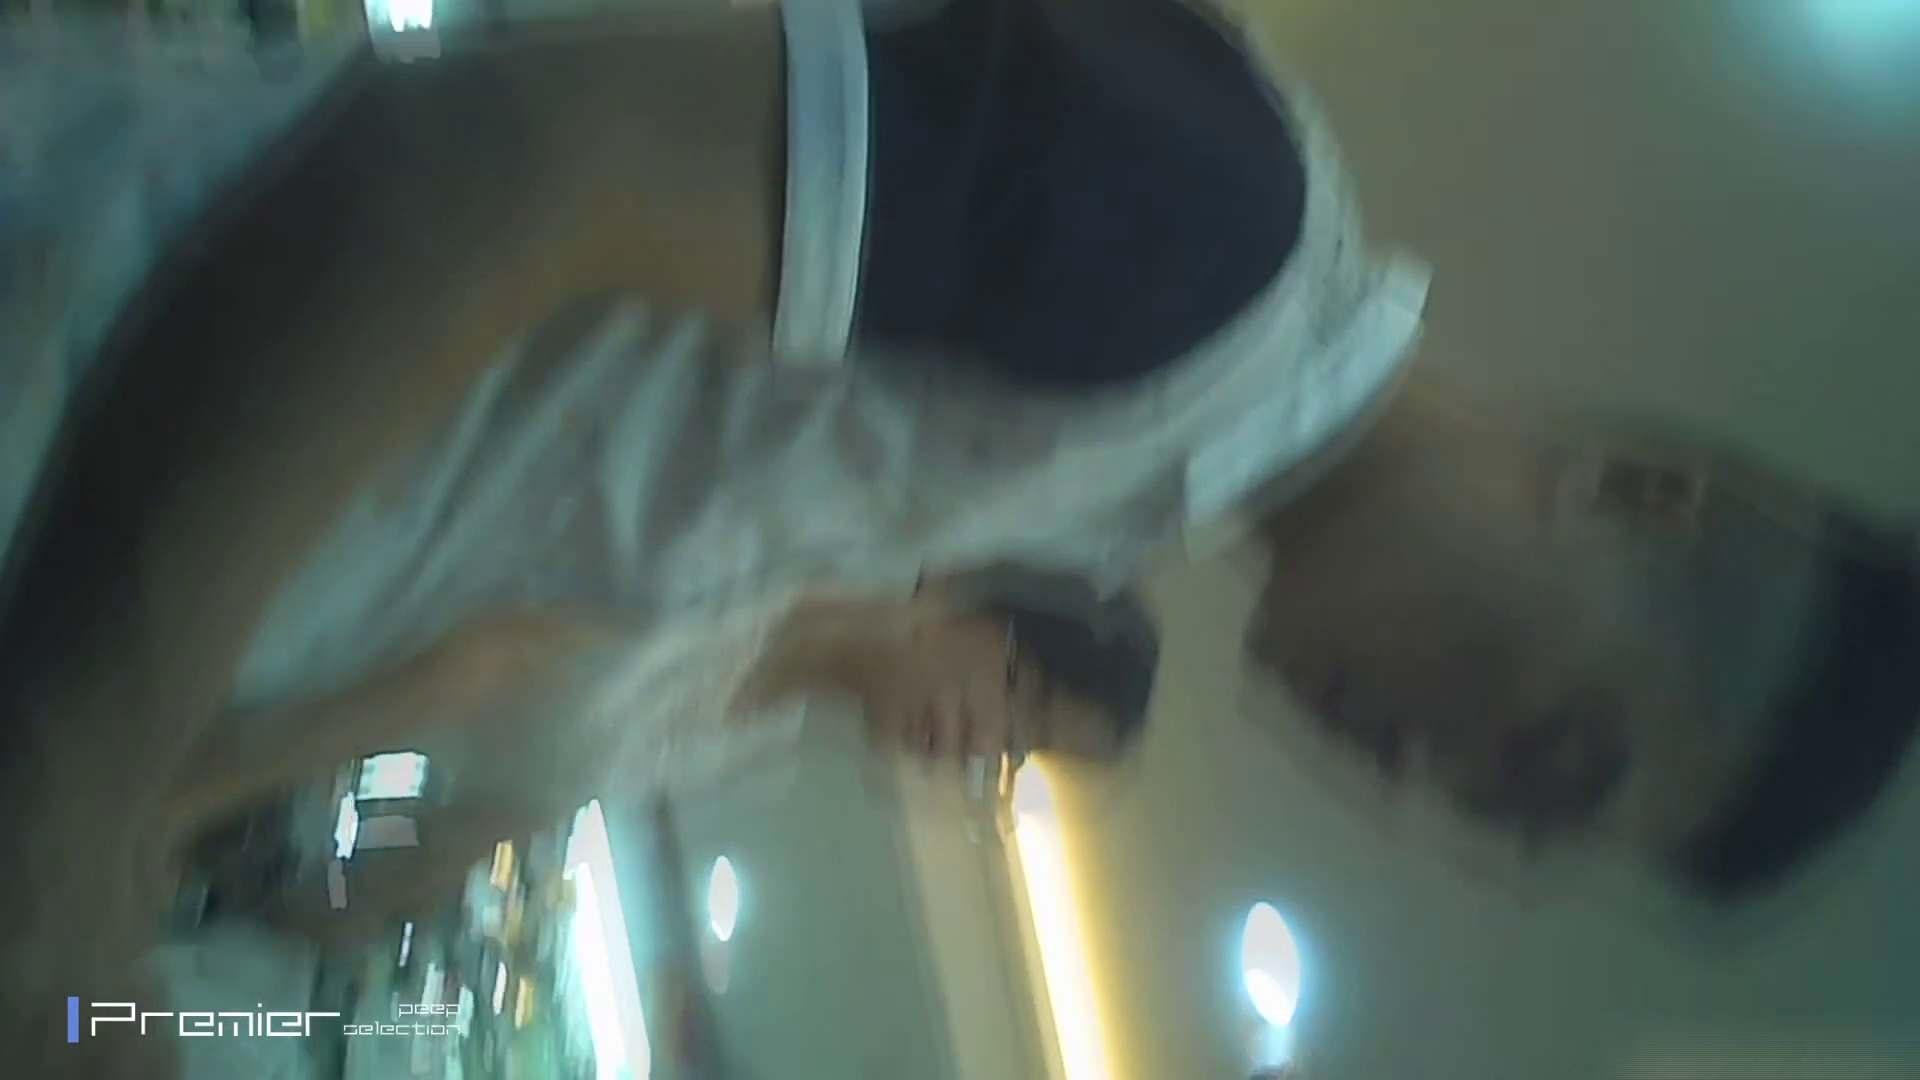 無修正エロ動画:ギャルのパンチラ 美女の痴態に密着!Vol.19:怪盗ジョーカー